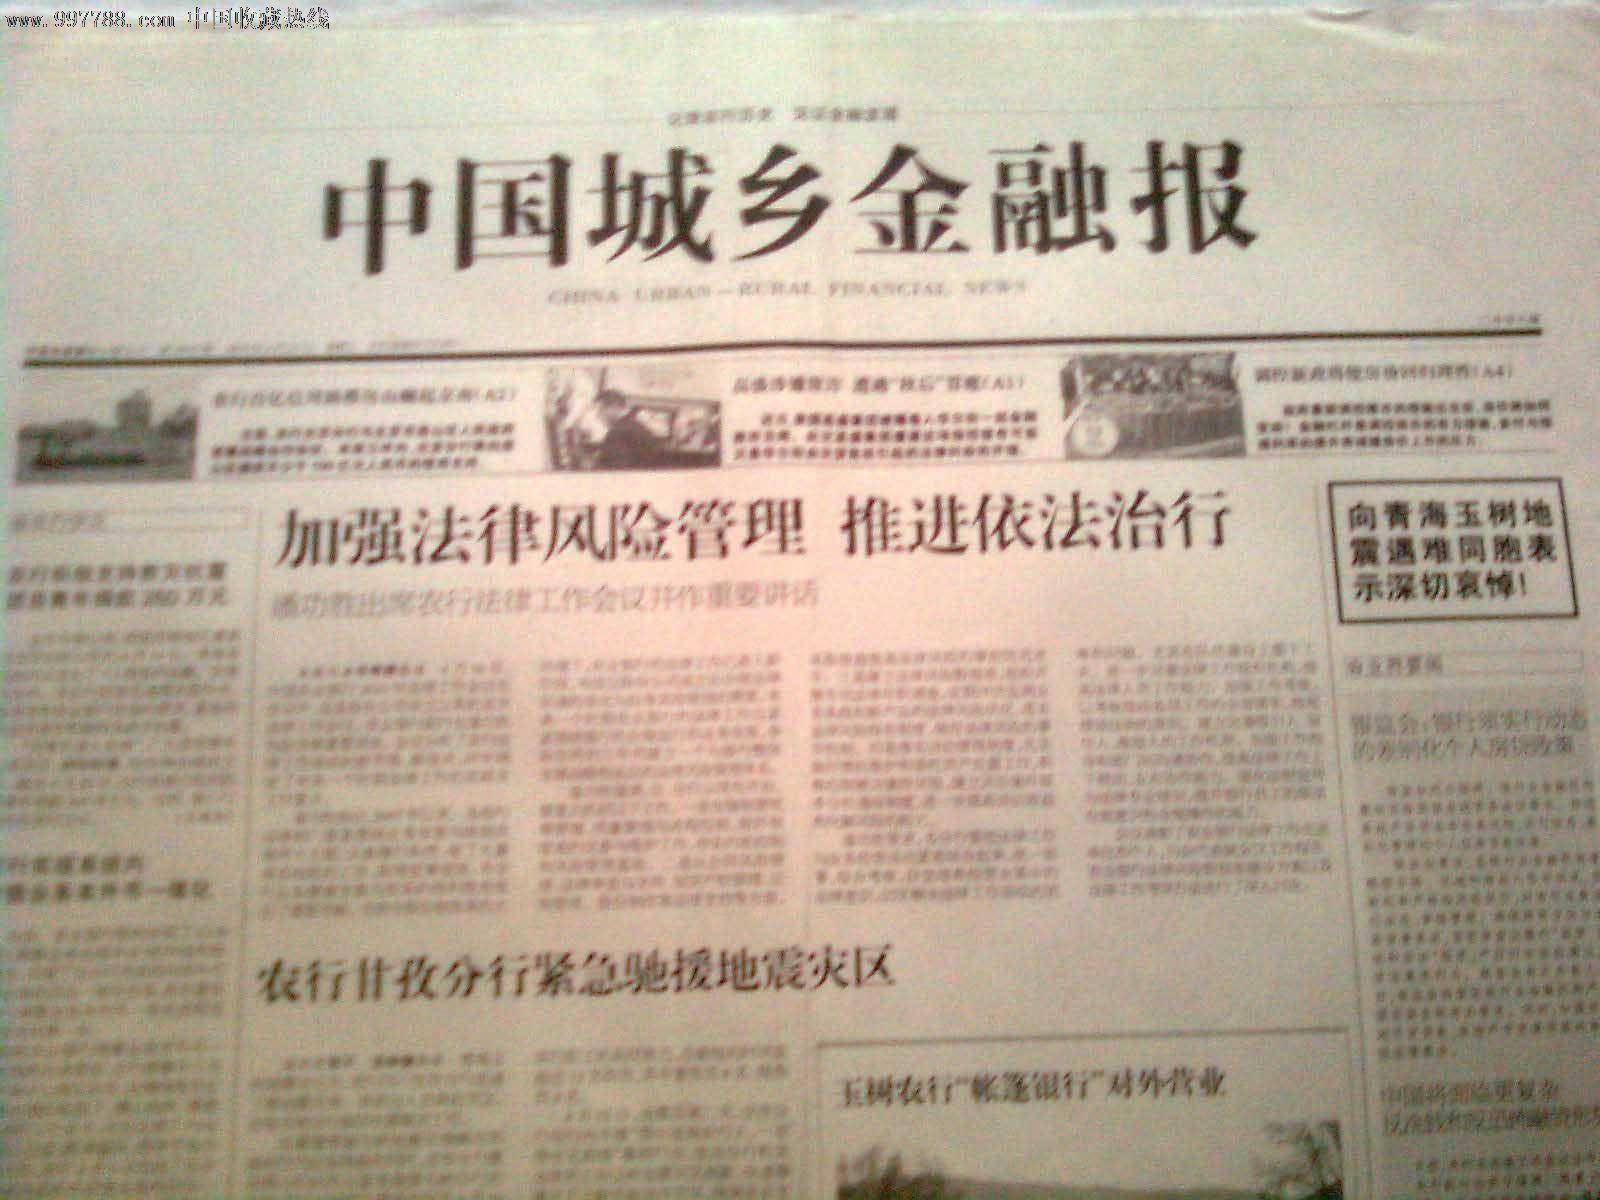 《中国城乡金融报》(玉树地震)_报纸_秦域博纳收藏屋